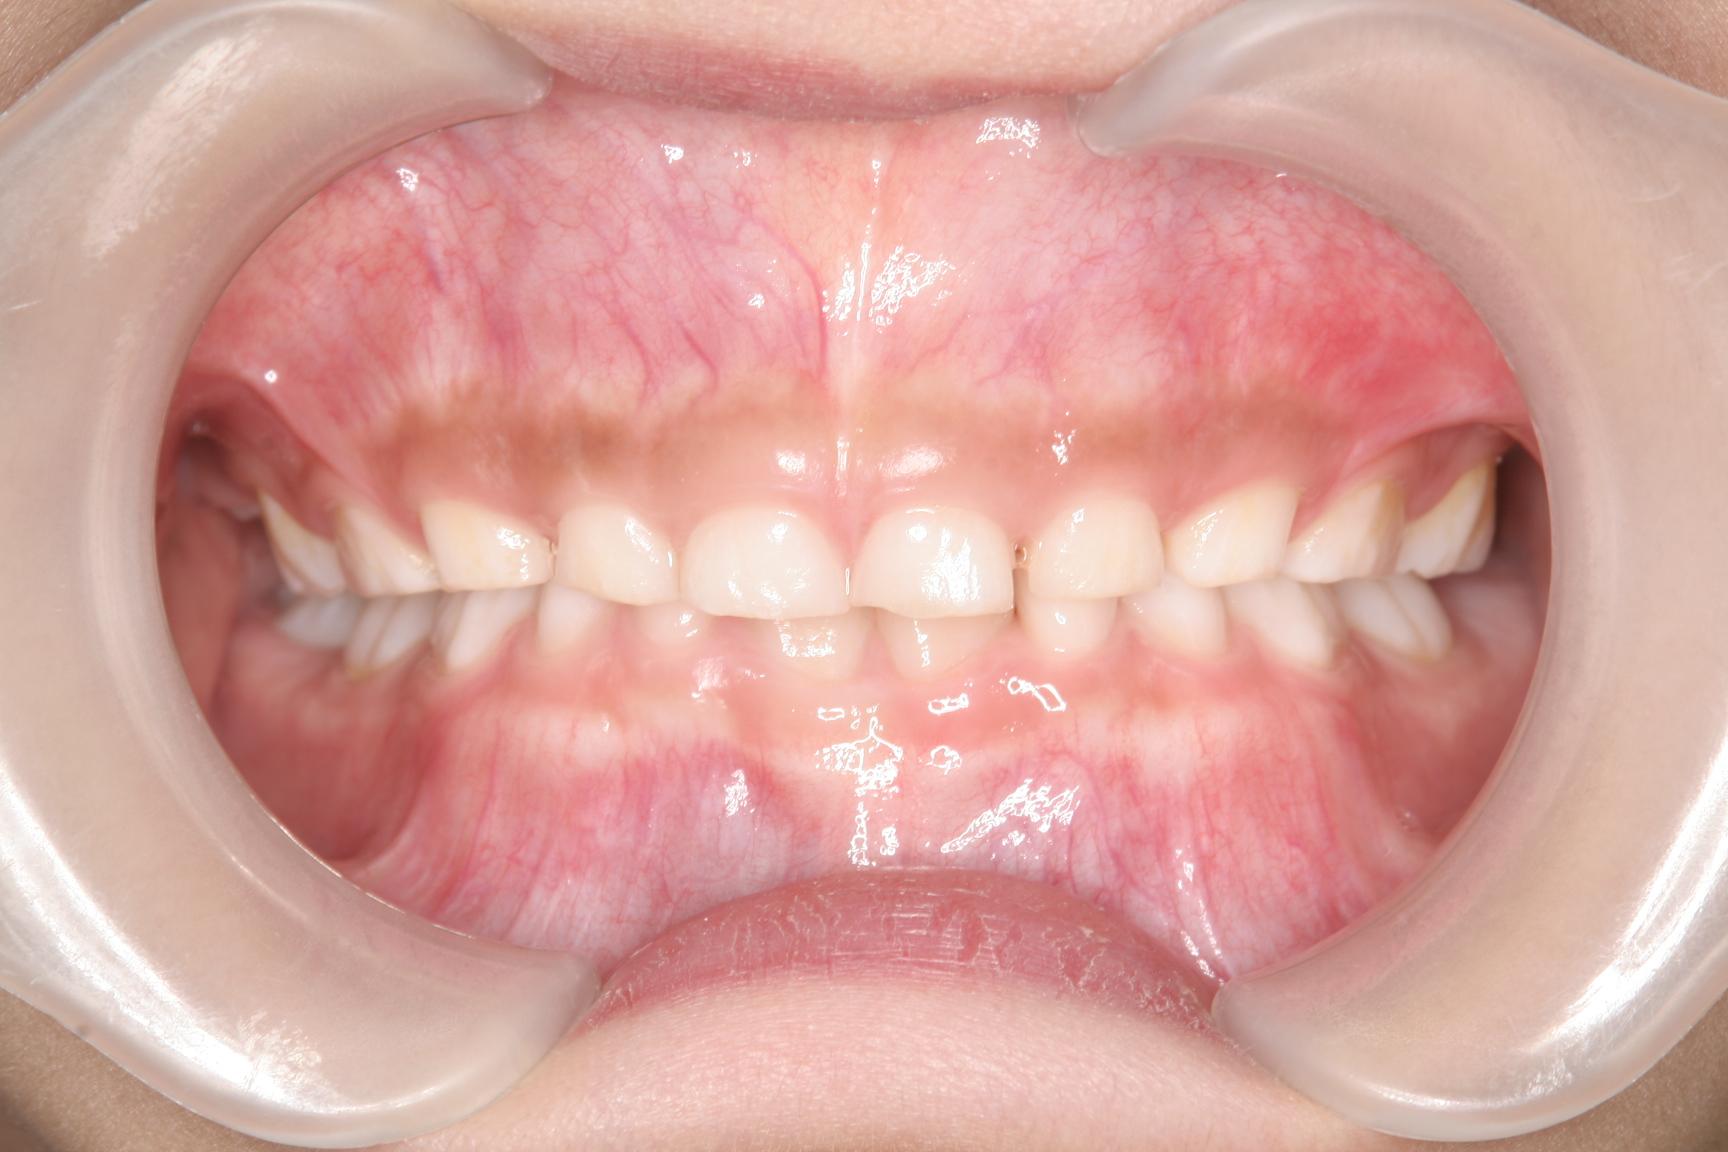 桑名市顎が小さいんですけど歯を抜かない矯正歯科 四日市・いなべ市・桑名市・菰野町で矯正治療をお考えなら大長歯科矯正歯科へ